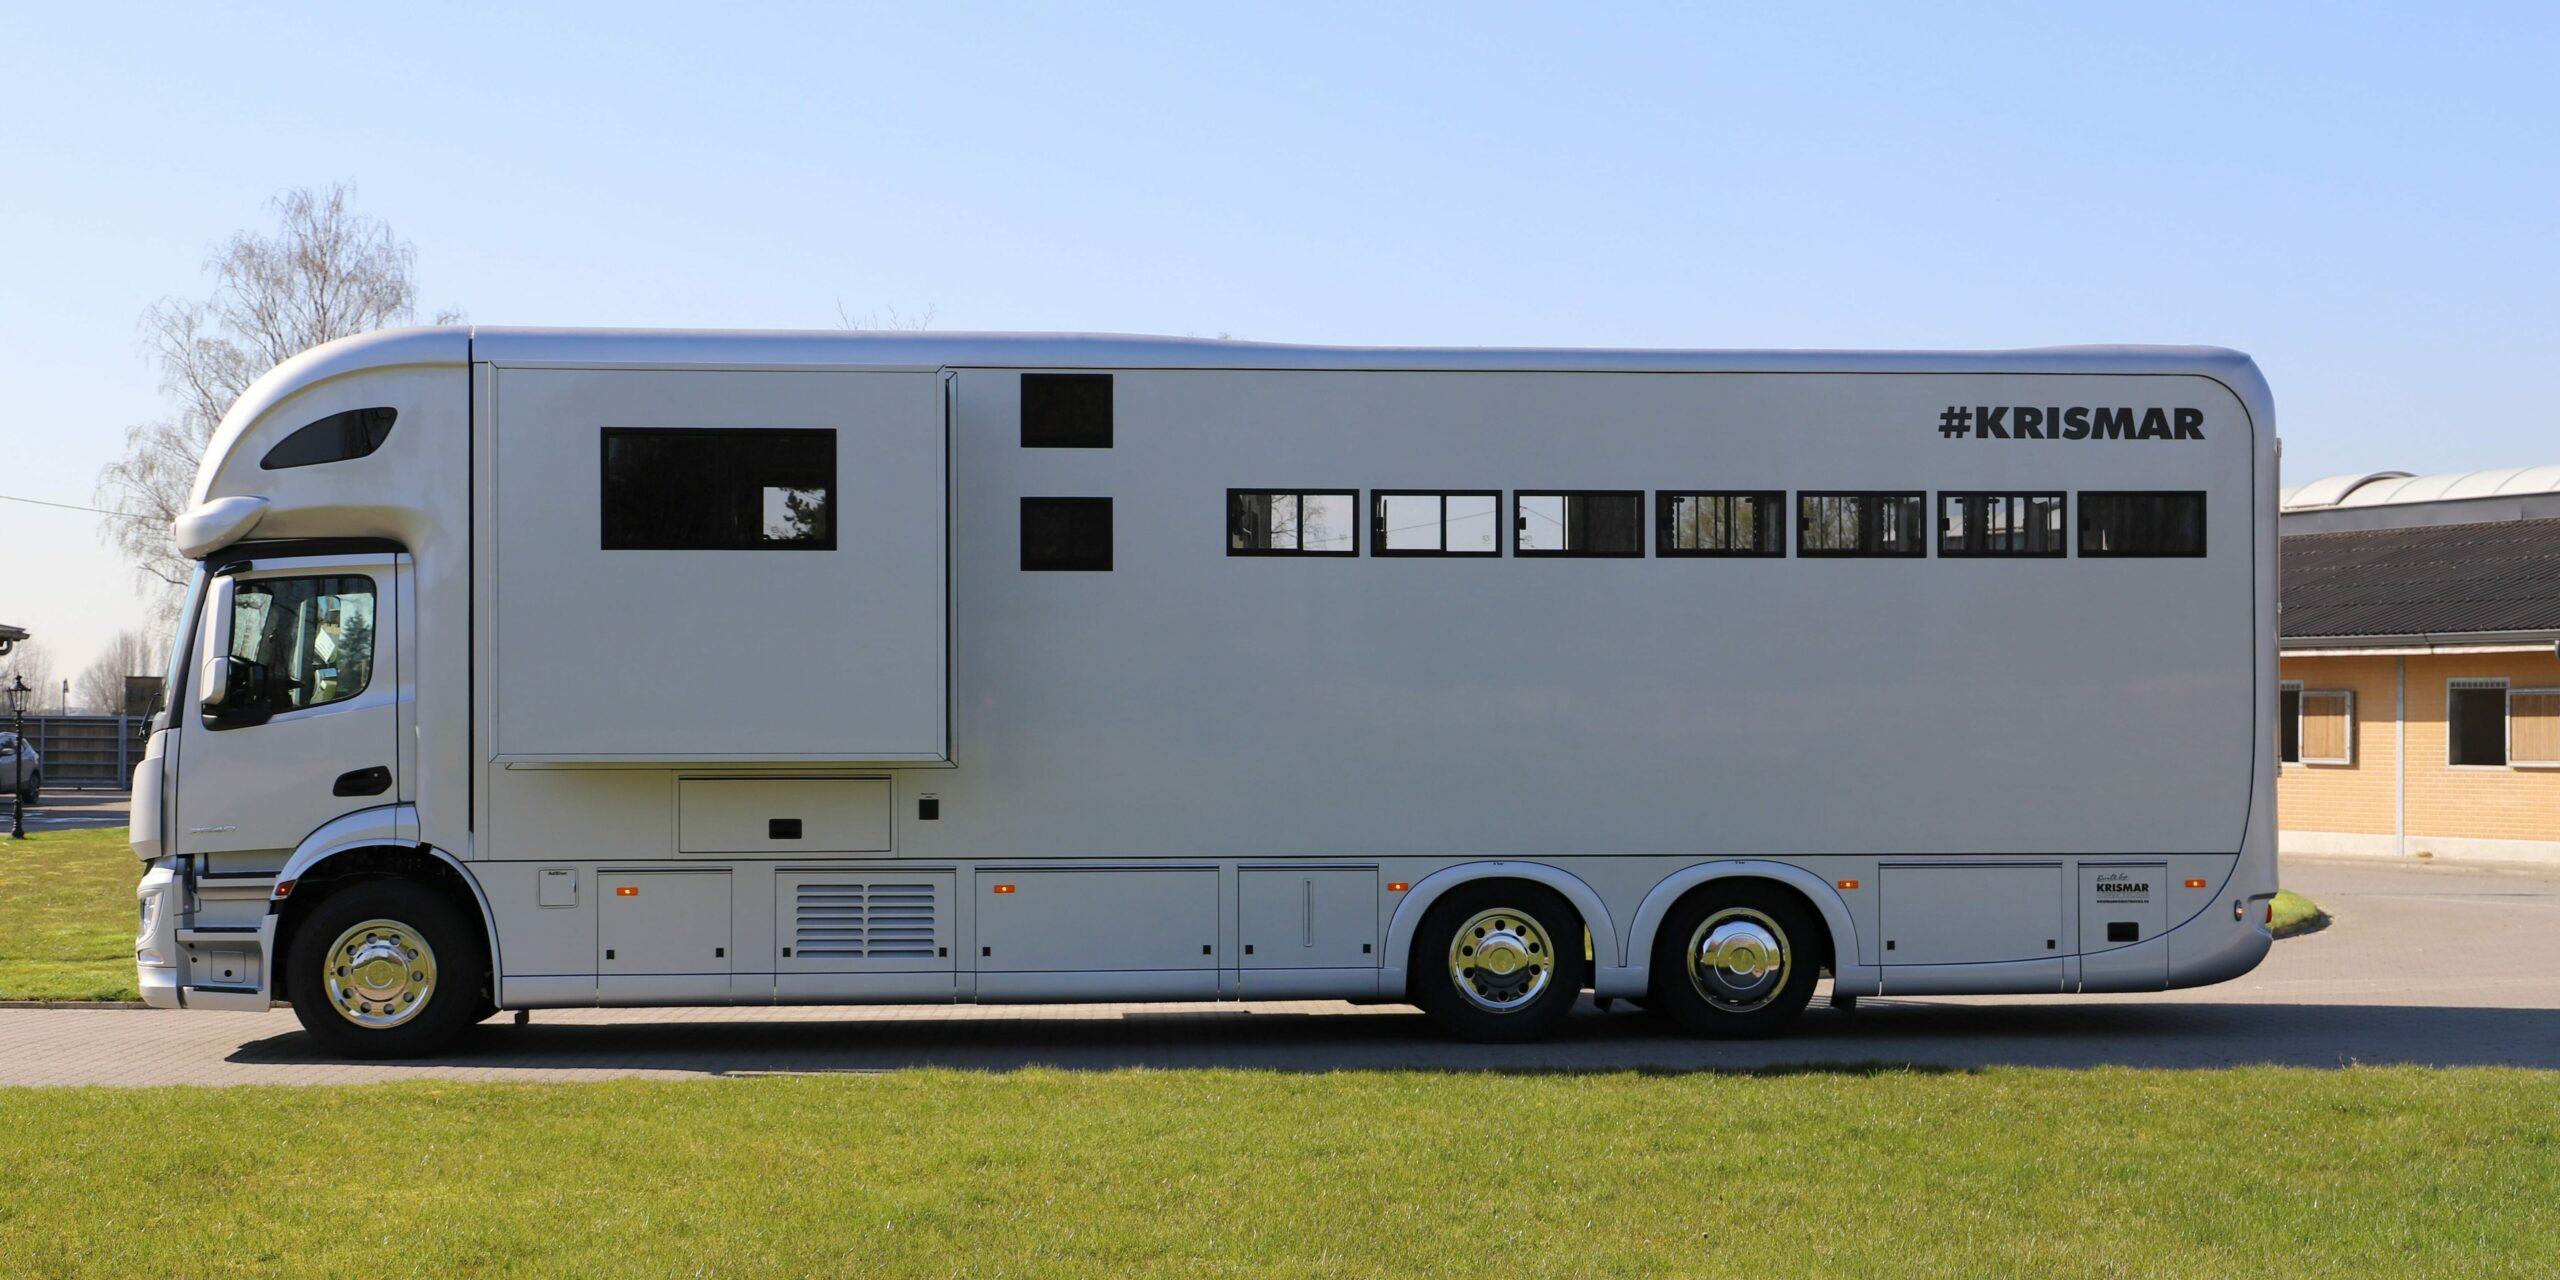 Krismar paardenvrachtwagen professional voor 5 paarden